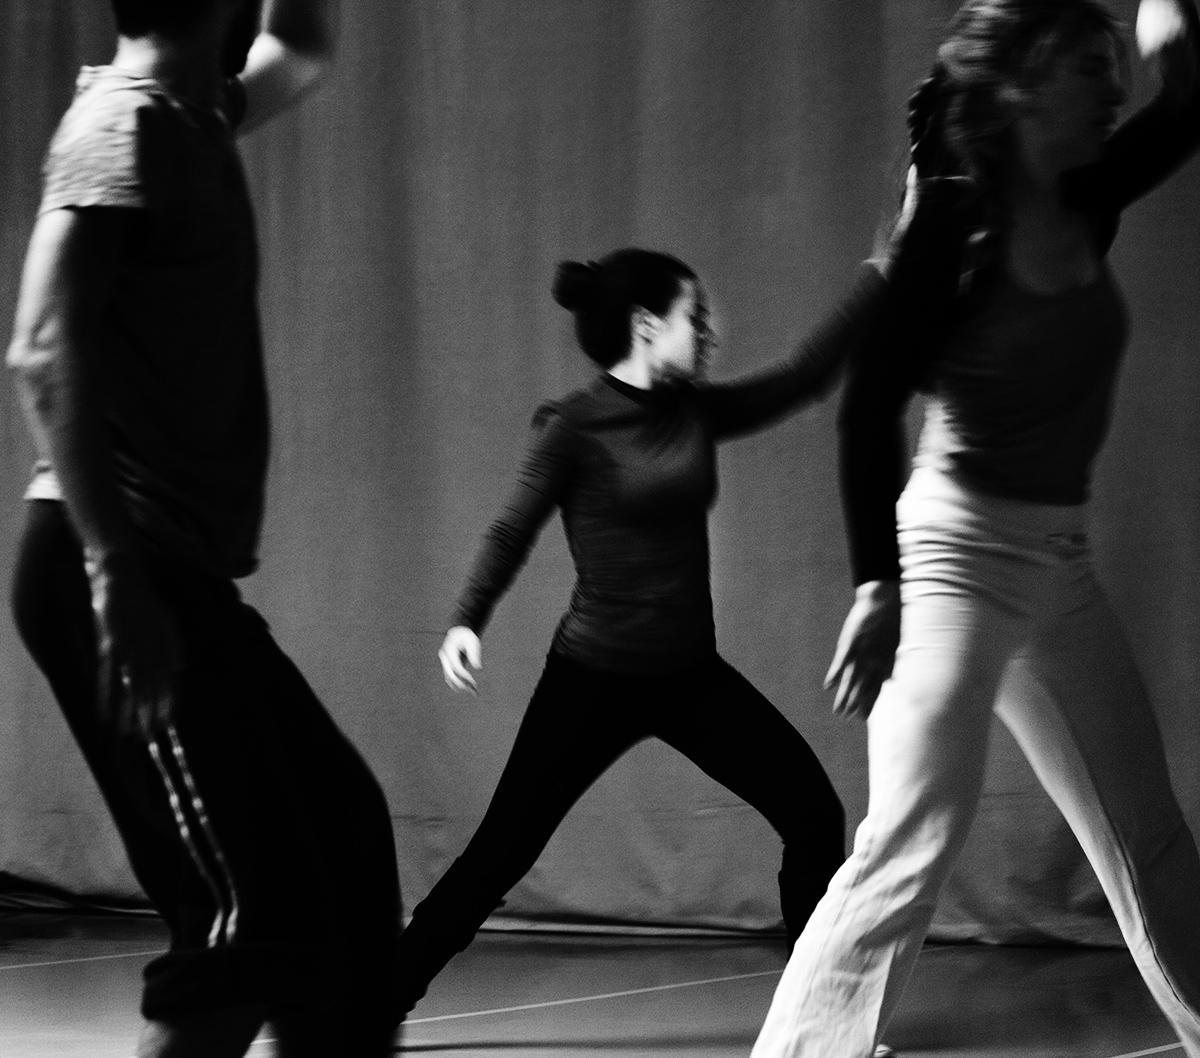 Dance by Laurent Orseau #3